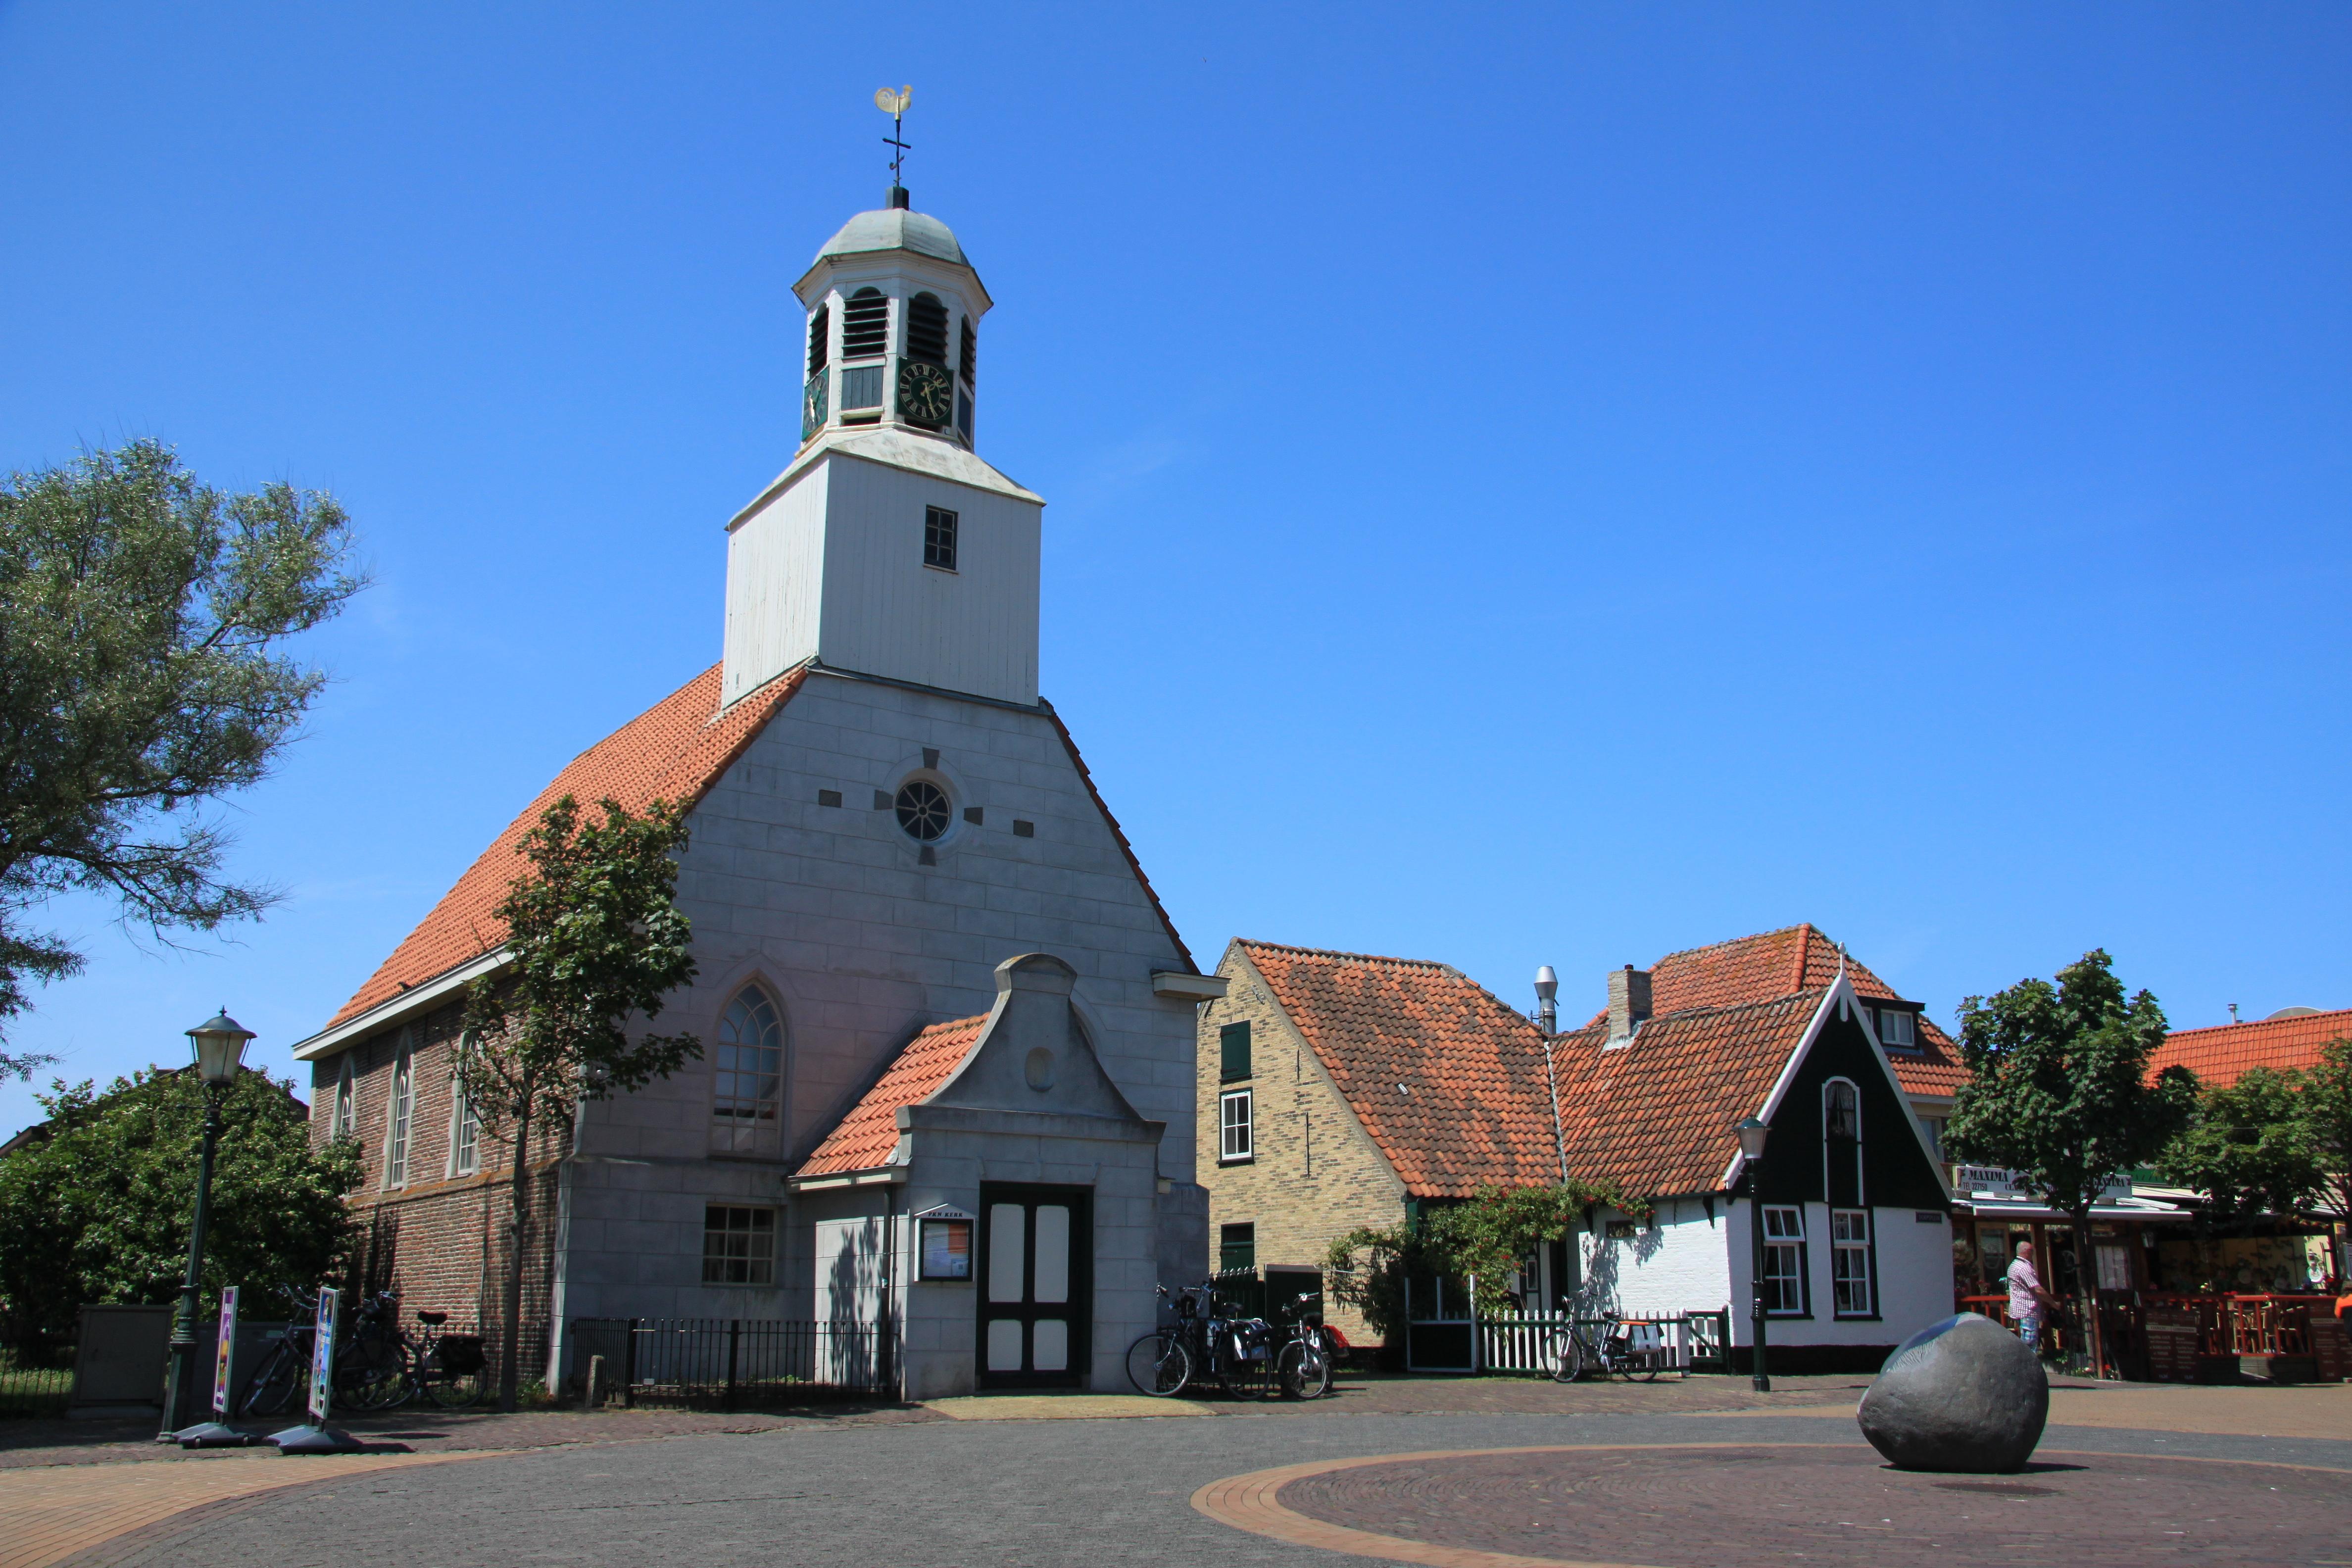 De koog kerk VVV Texel fotograaf vandriel